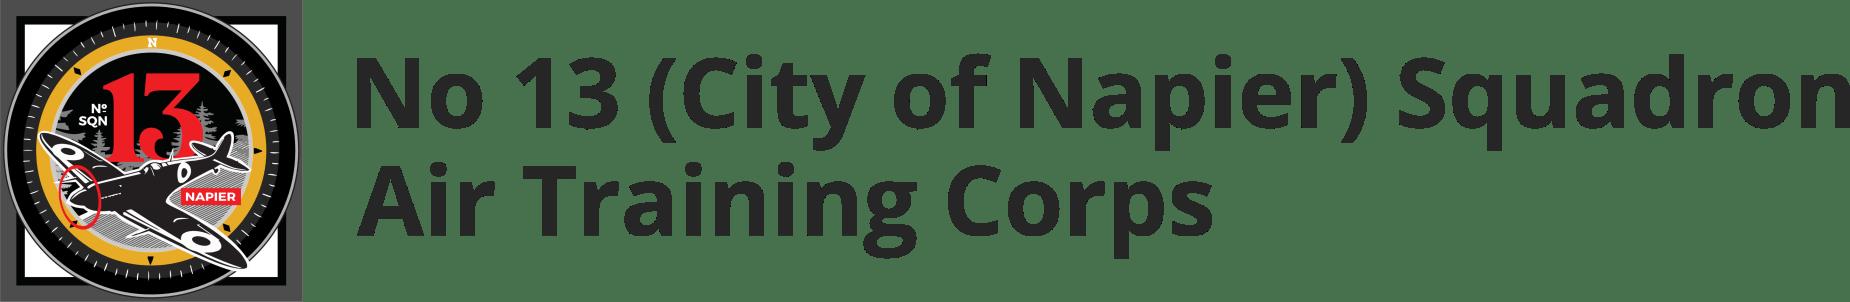 No 13 (City of Napier) Squadron Air Training Corps